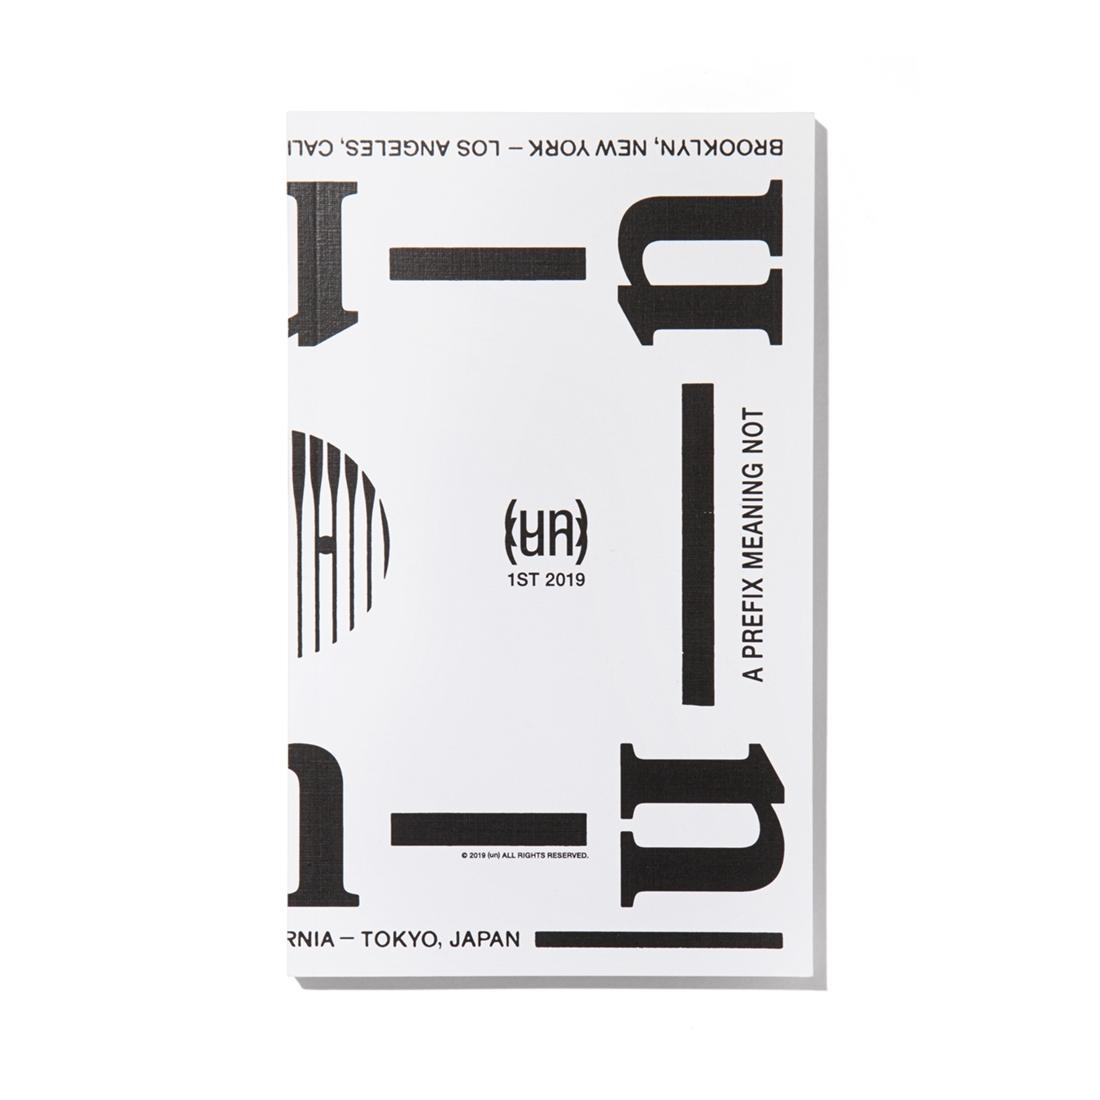 un_20191st_conceptbook01